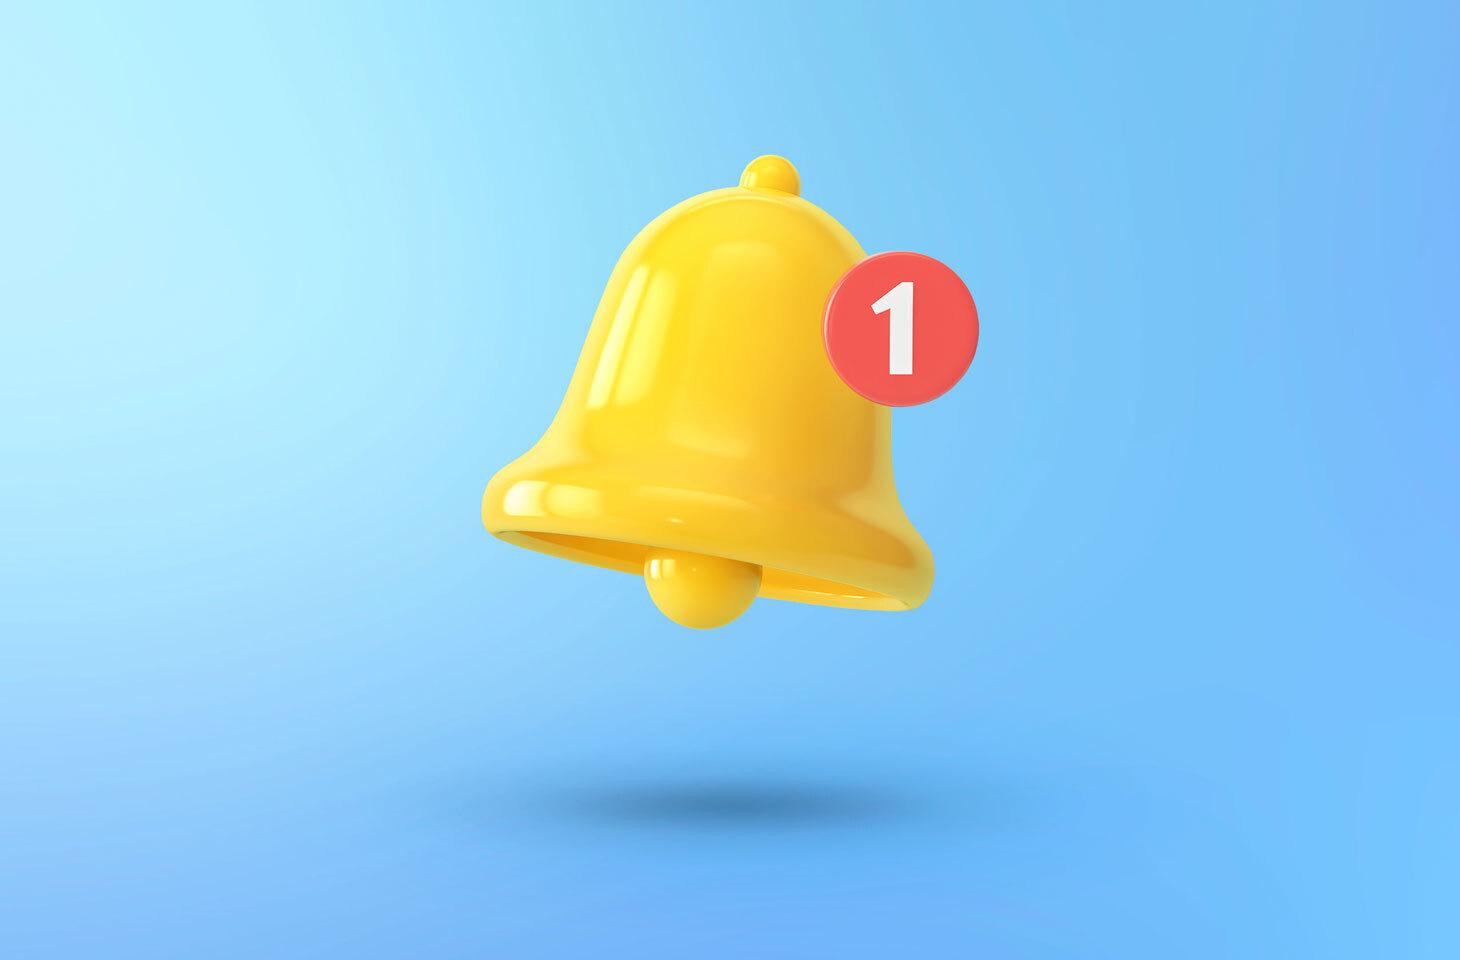 Как настроить уведомления в Android | Блог Касперского